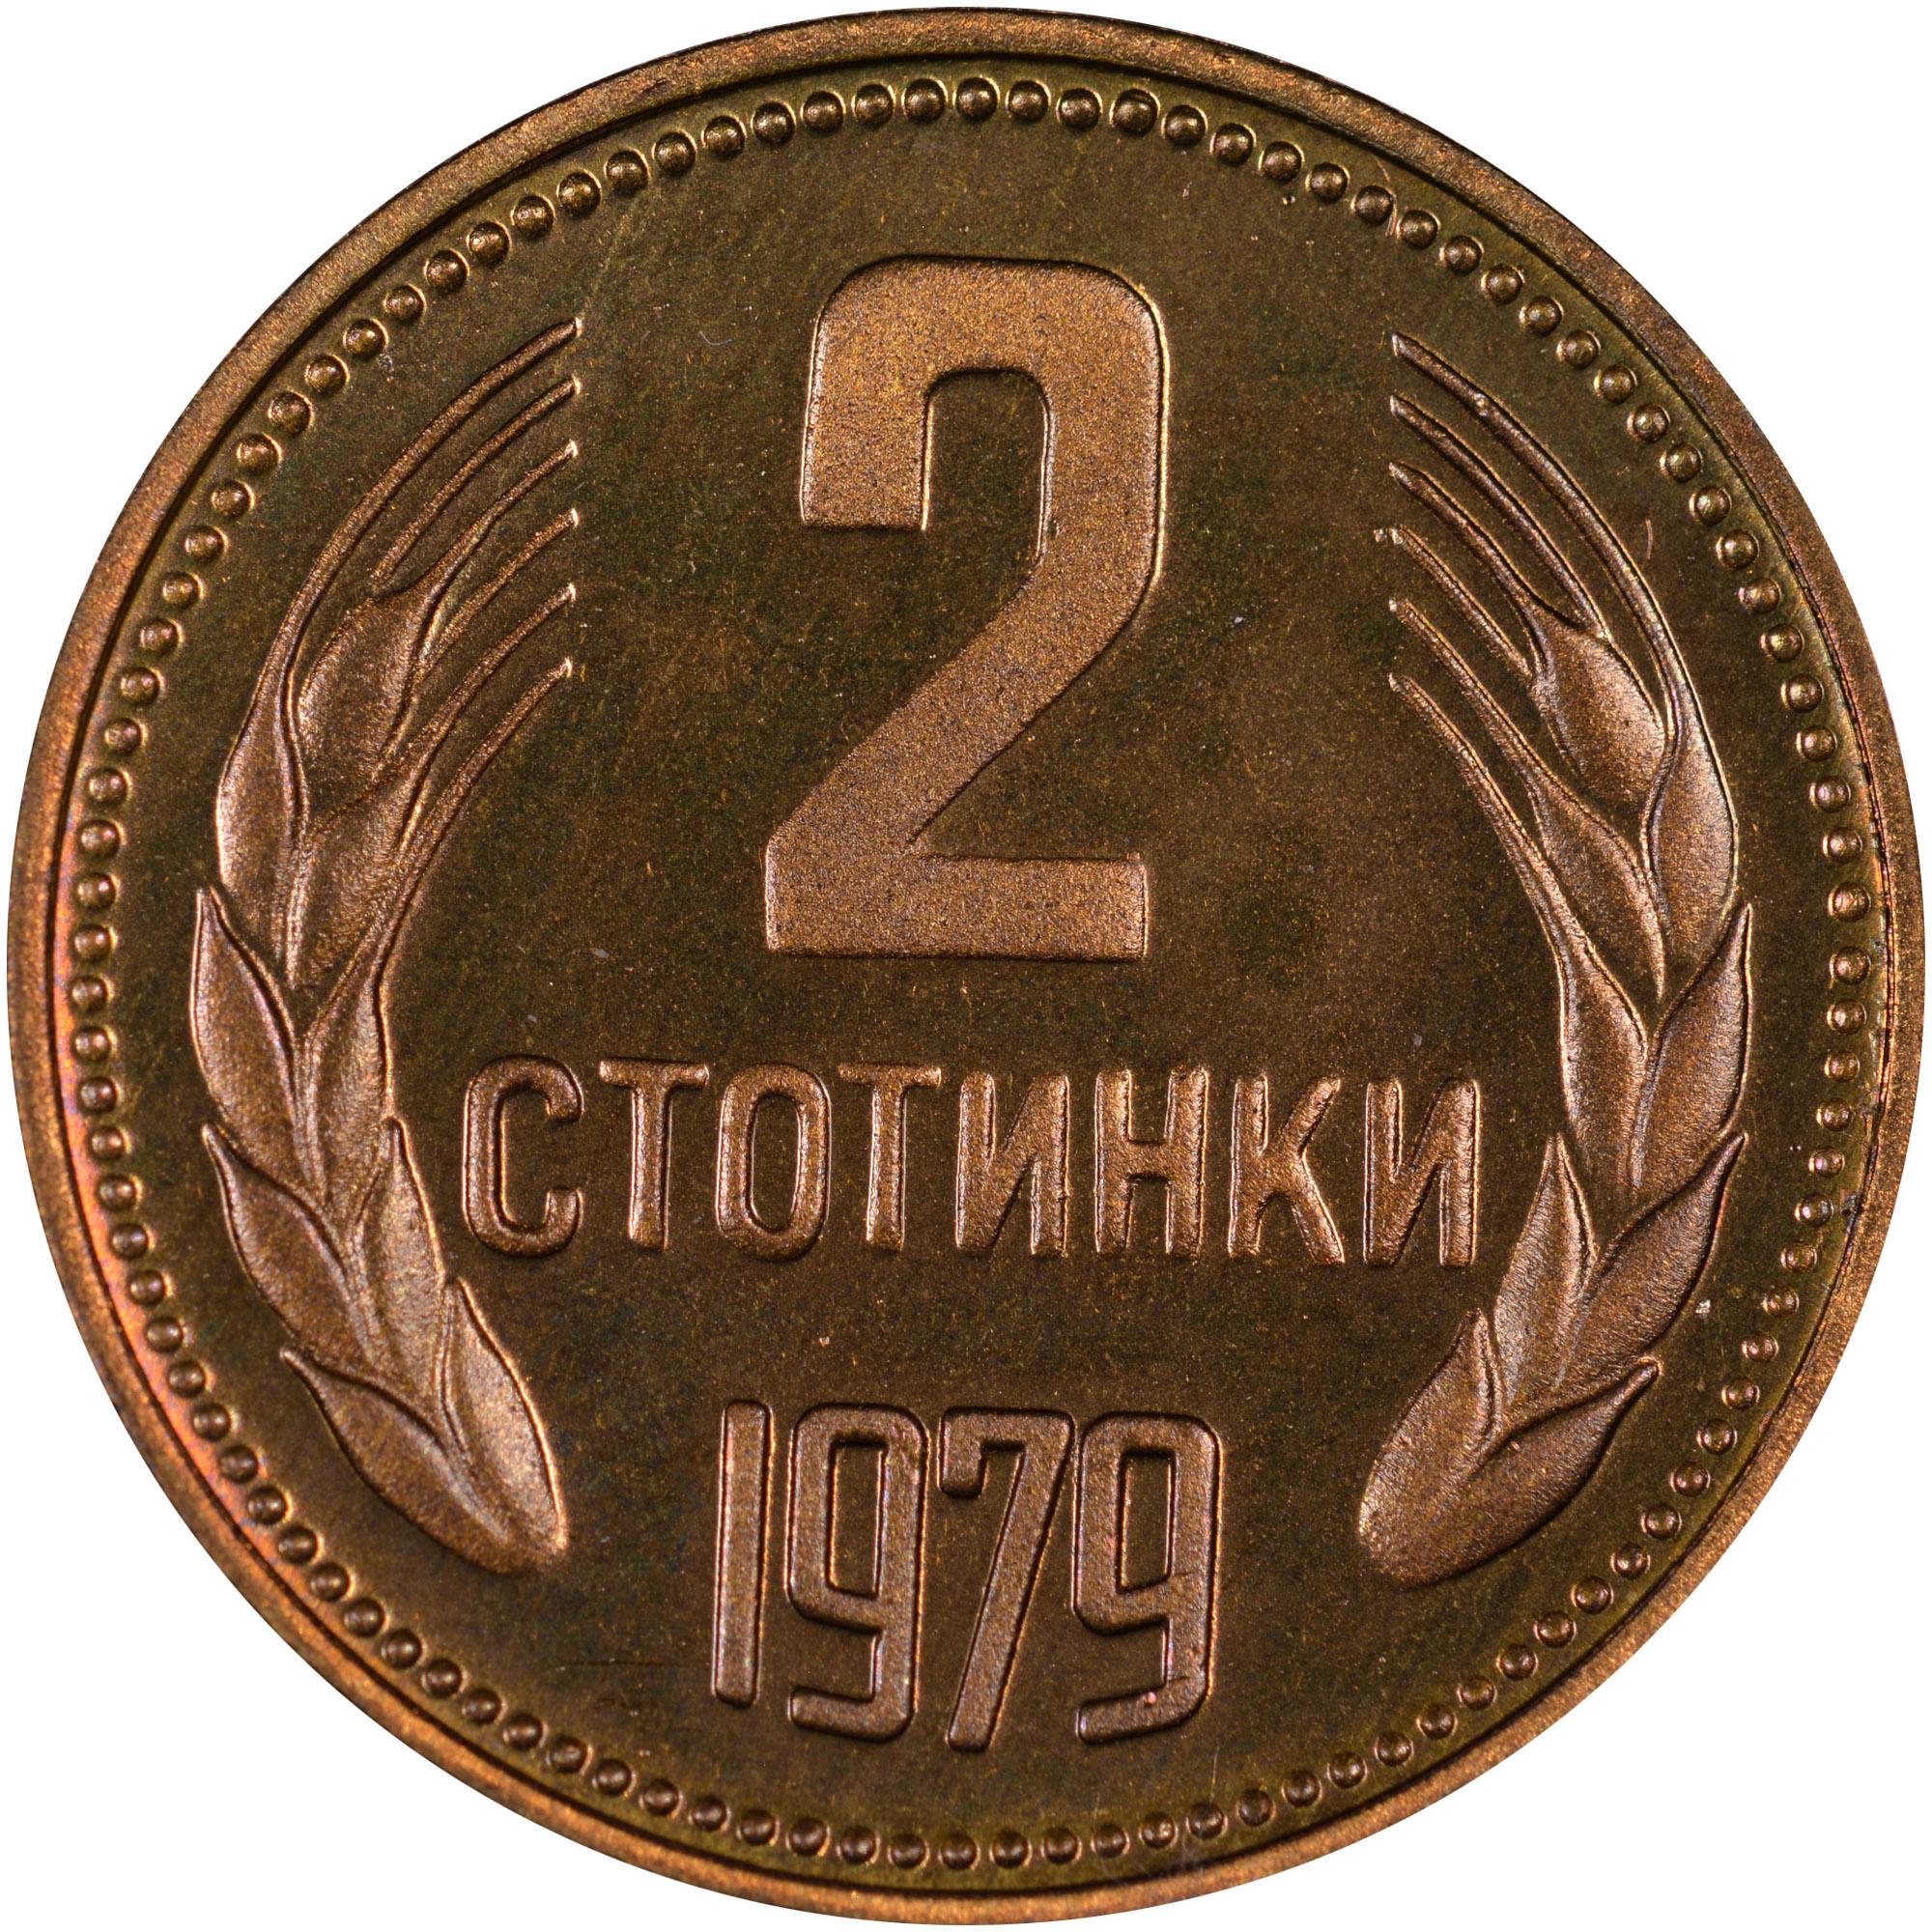 1974-1990 Bulgaria 2 Stotinki reverse